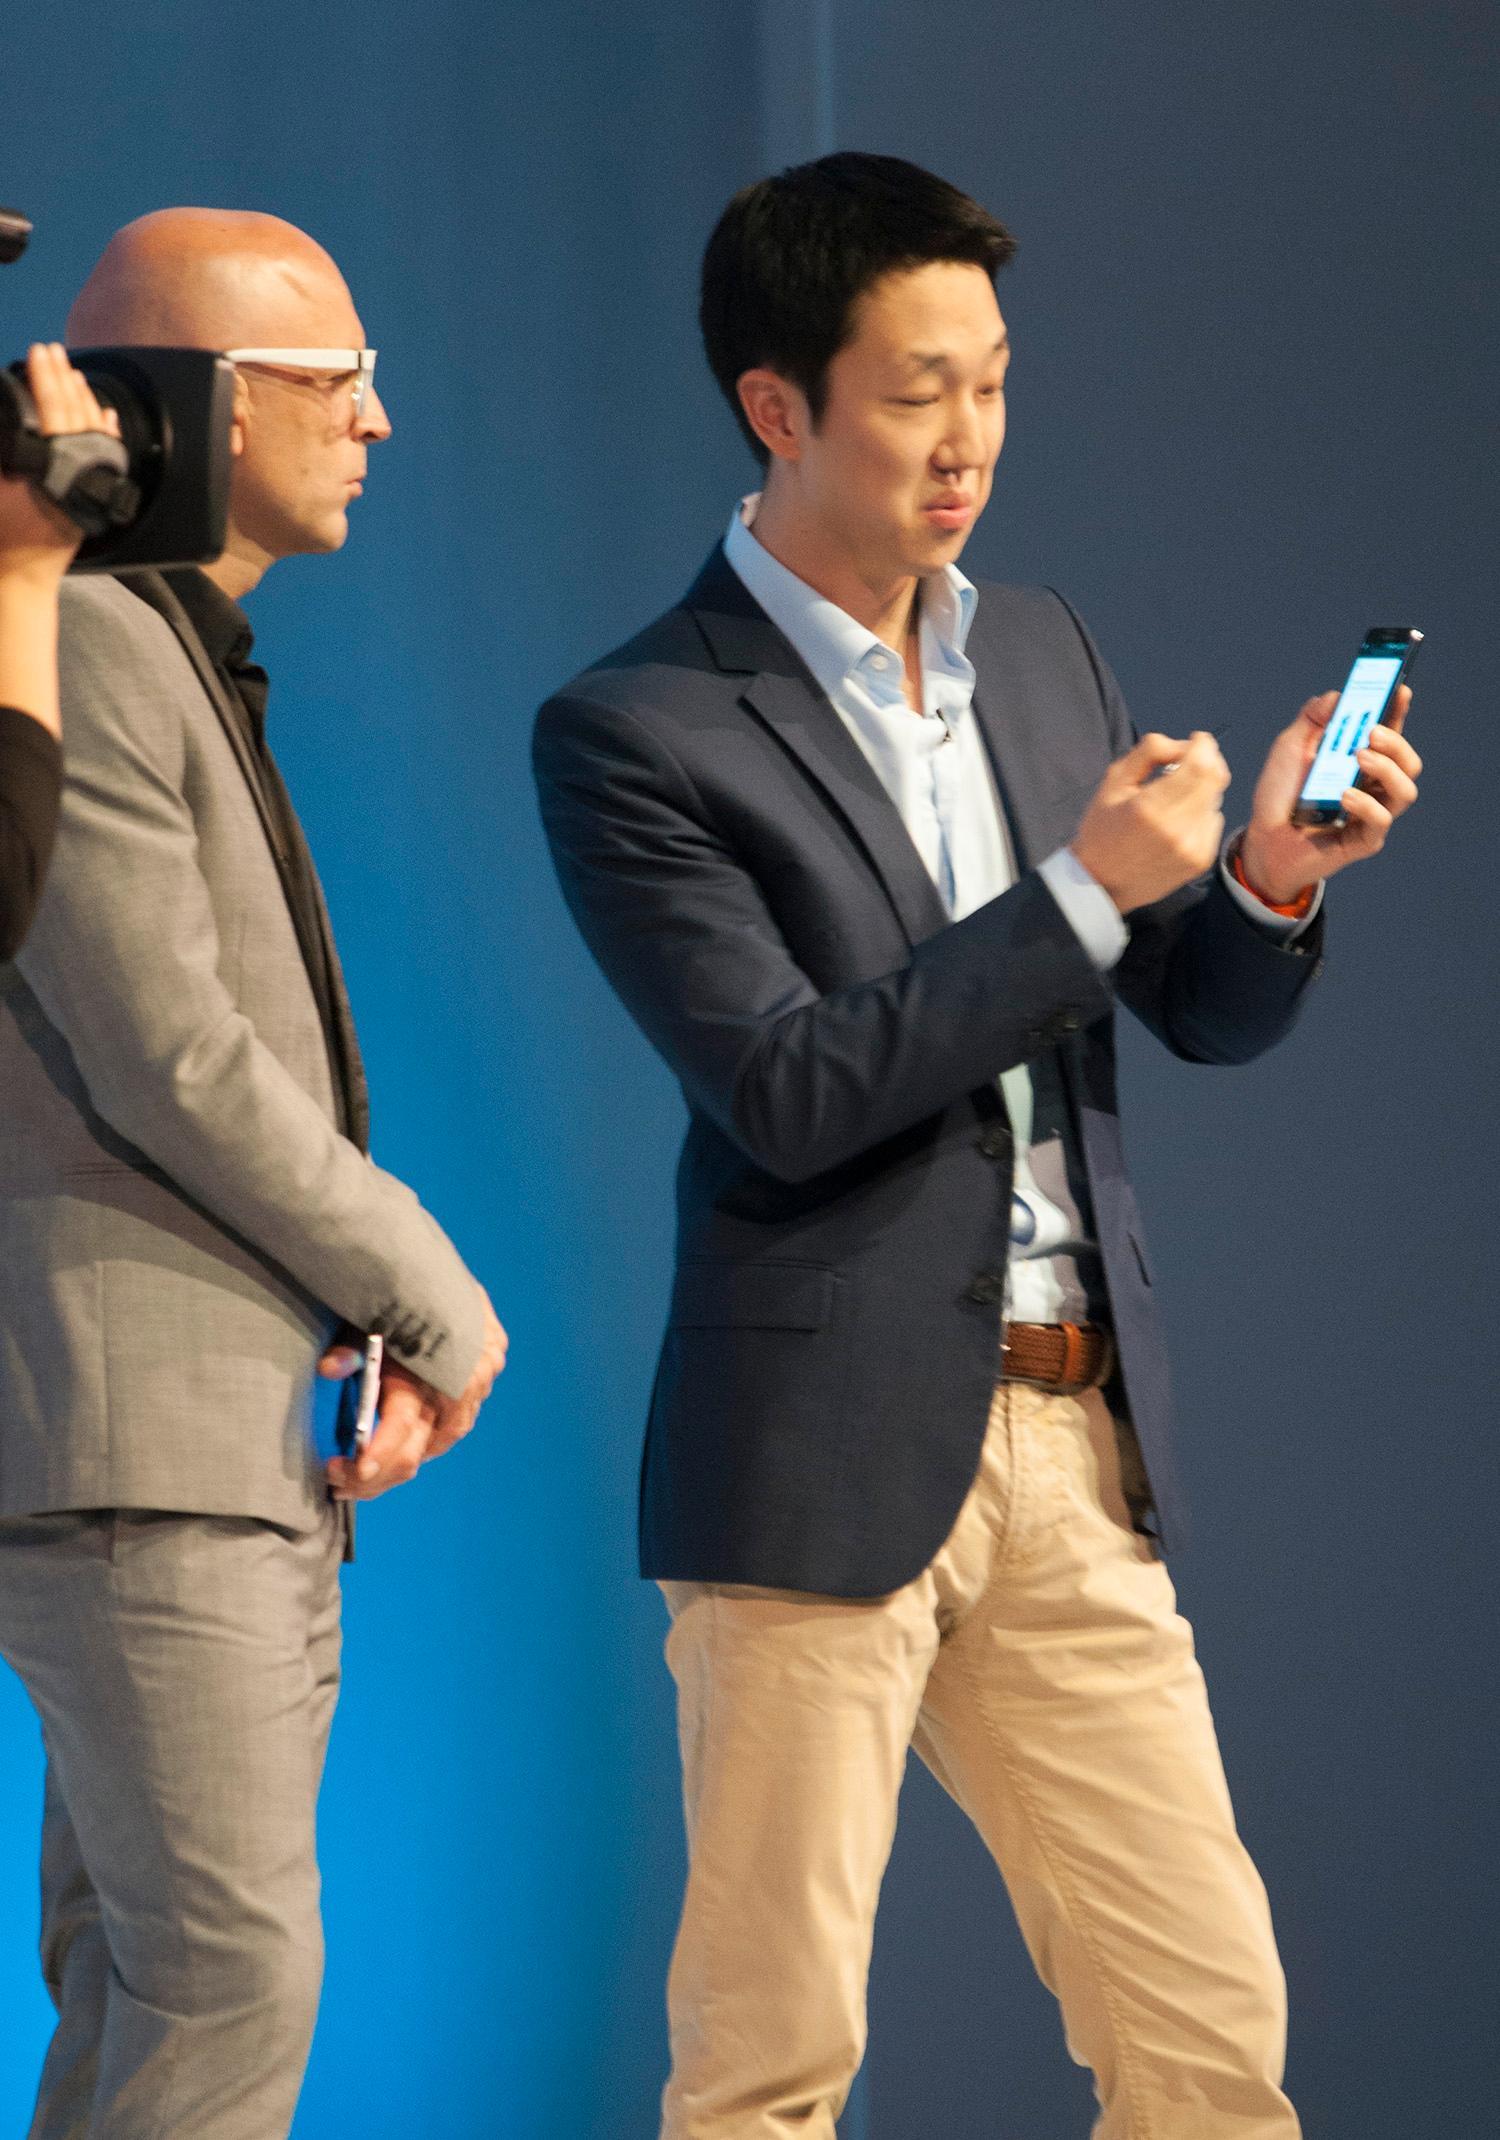 Fra demonstrasjonen av Galaxy Note III på IFA.